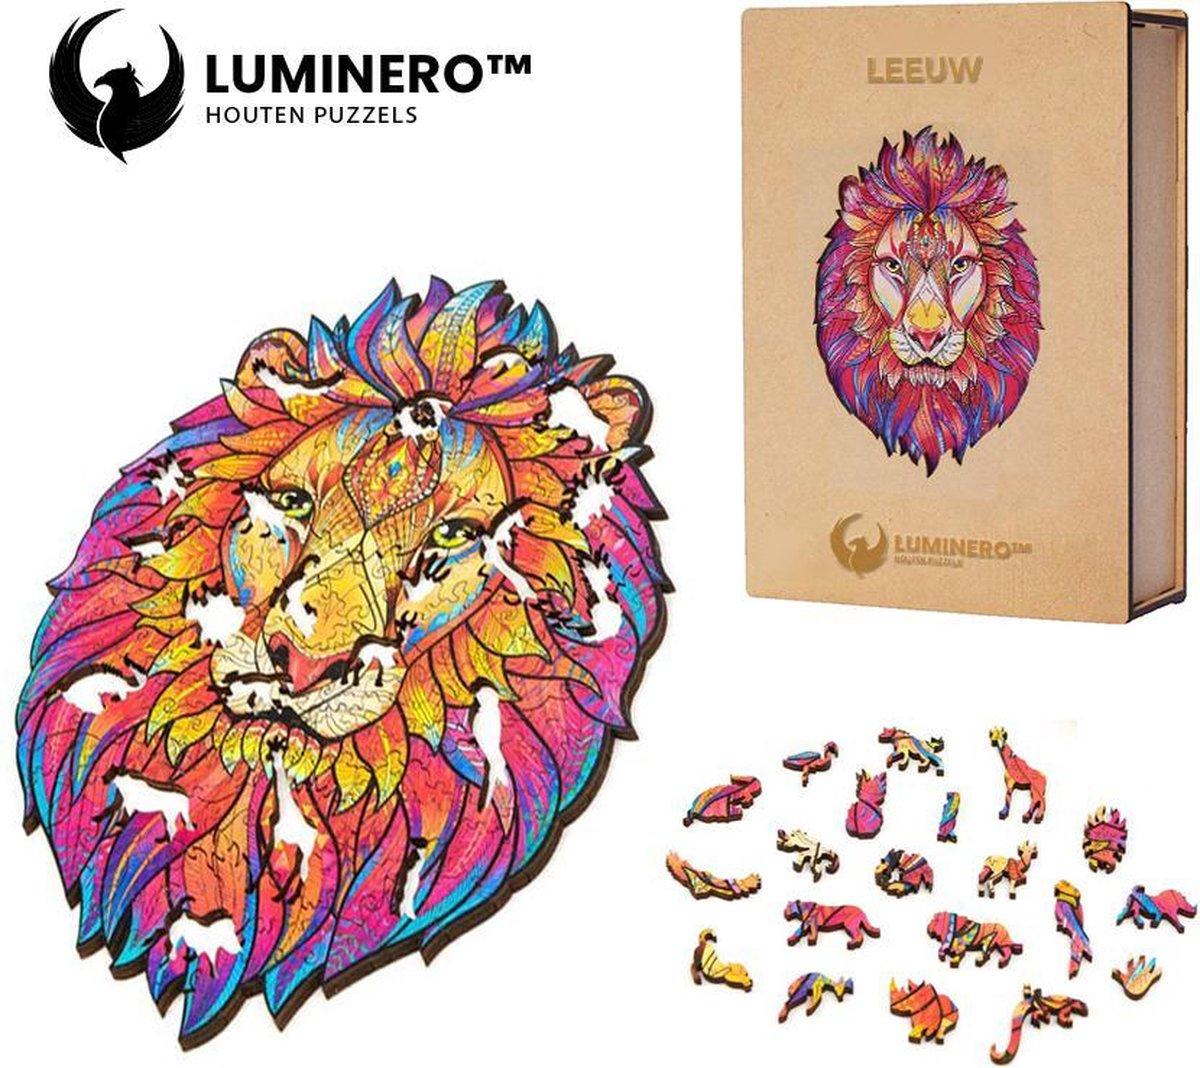 Luminero™ Houten Leeuw Jigsaw Puzzel - A5 Formaat Jigsaw - Unieke 3D Puzzels - Huisdecoratie - Wooden Puzzle - Volwassenen & Kinderen - Incl. Houten Doos